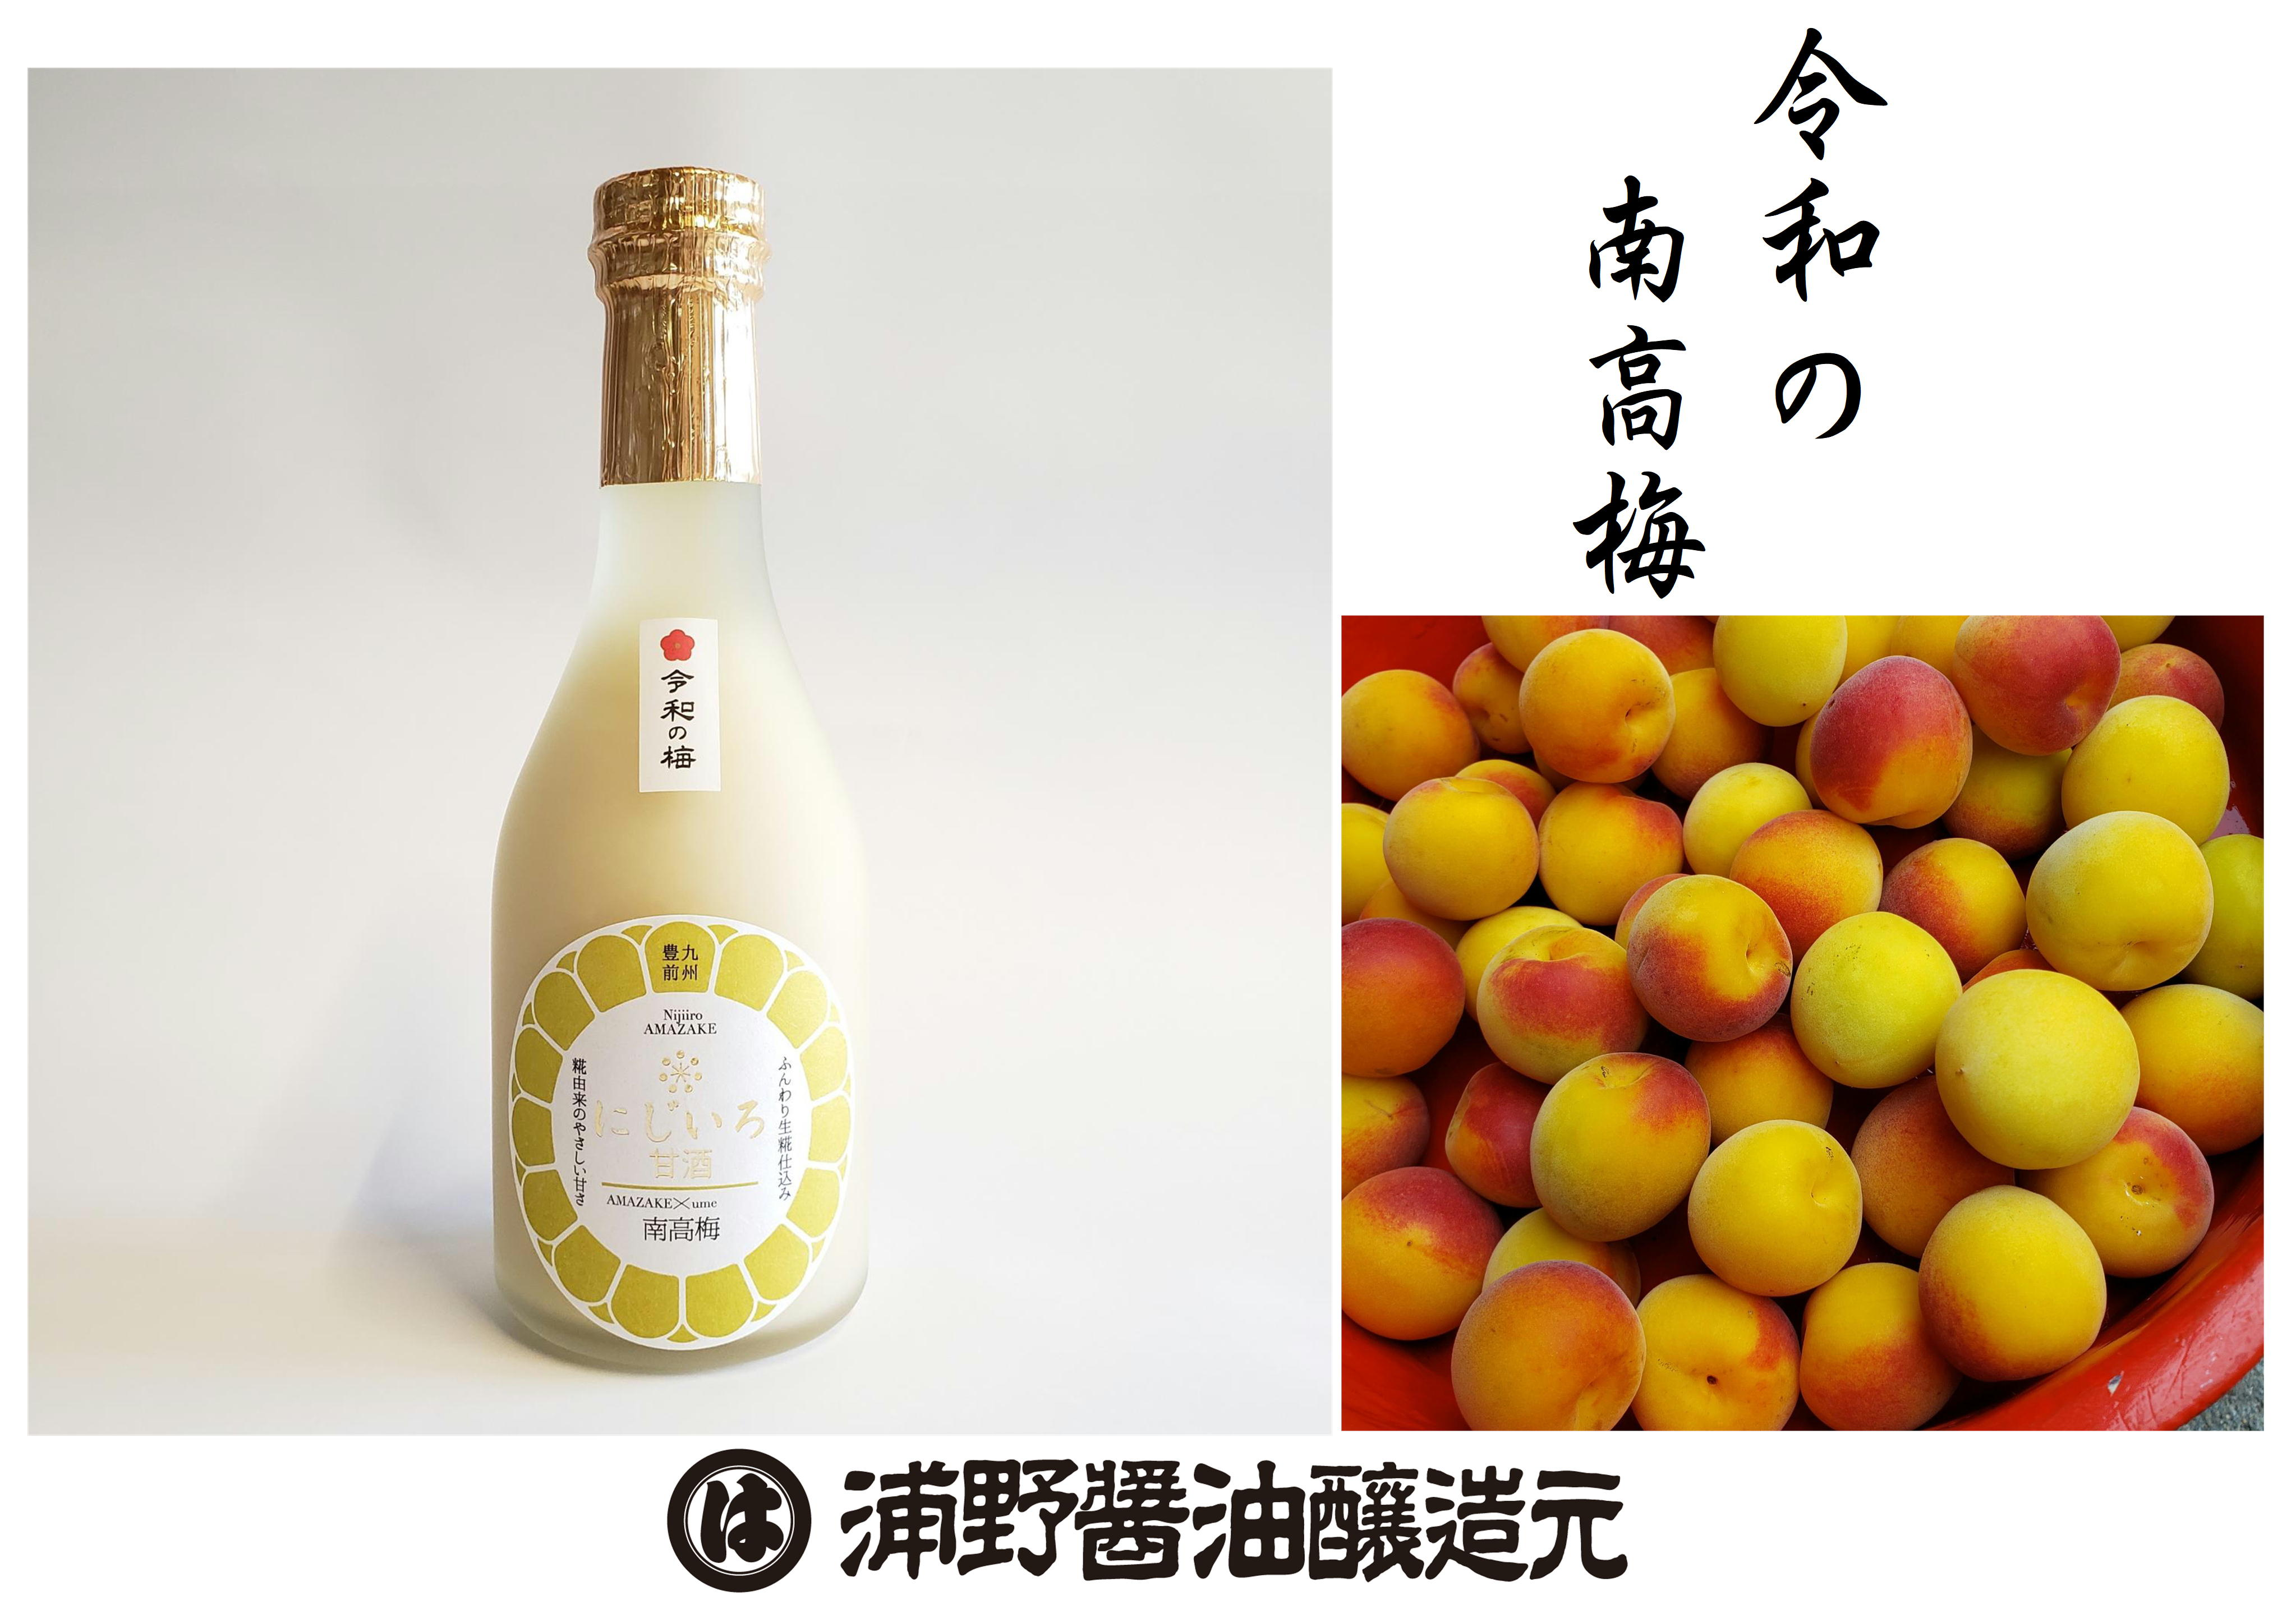 にじいろ甘酒 南高梅~令和の梅~ (320g)